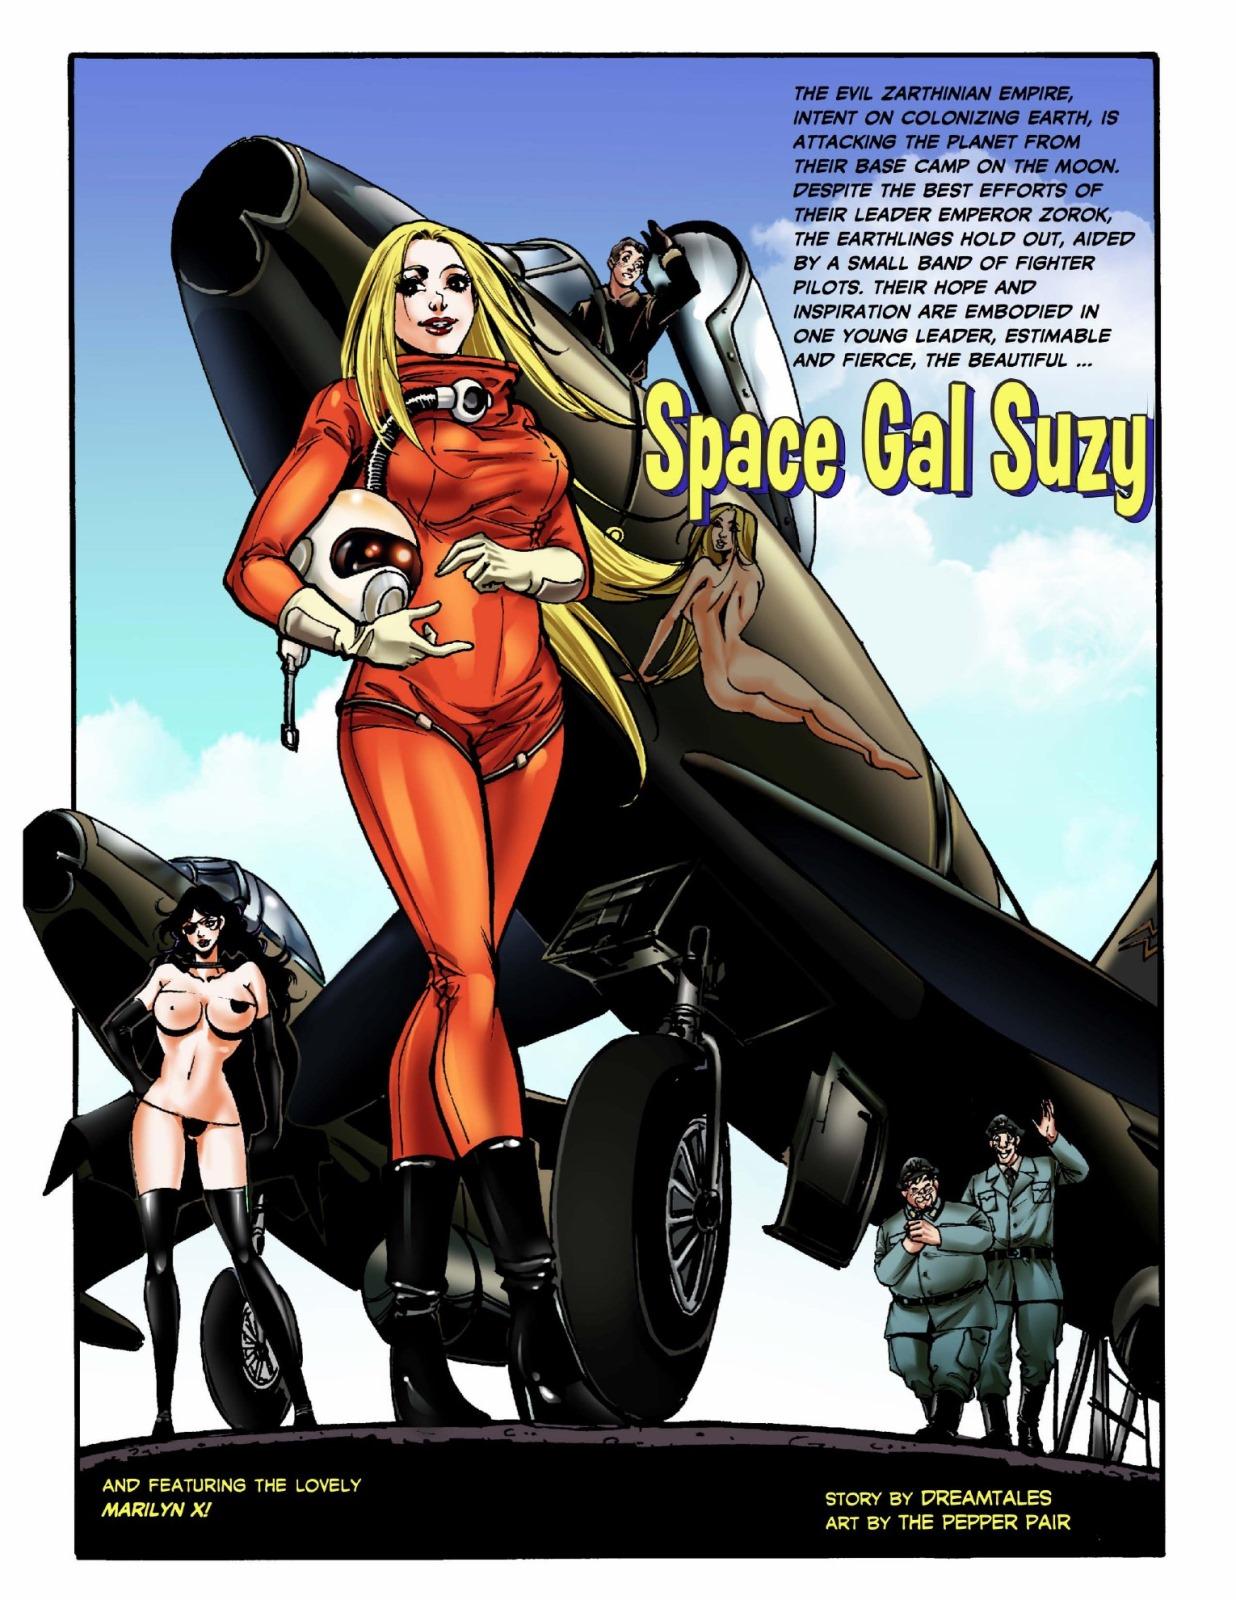 Space Gal Suzy- Dreamstales image 1